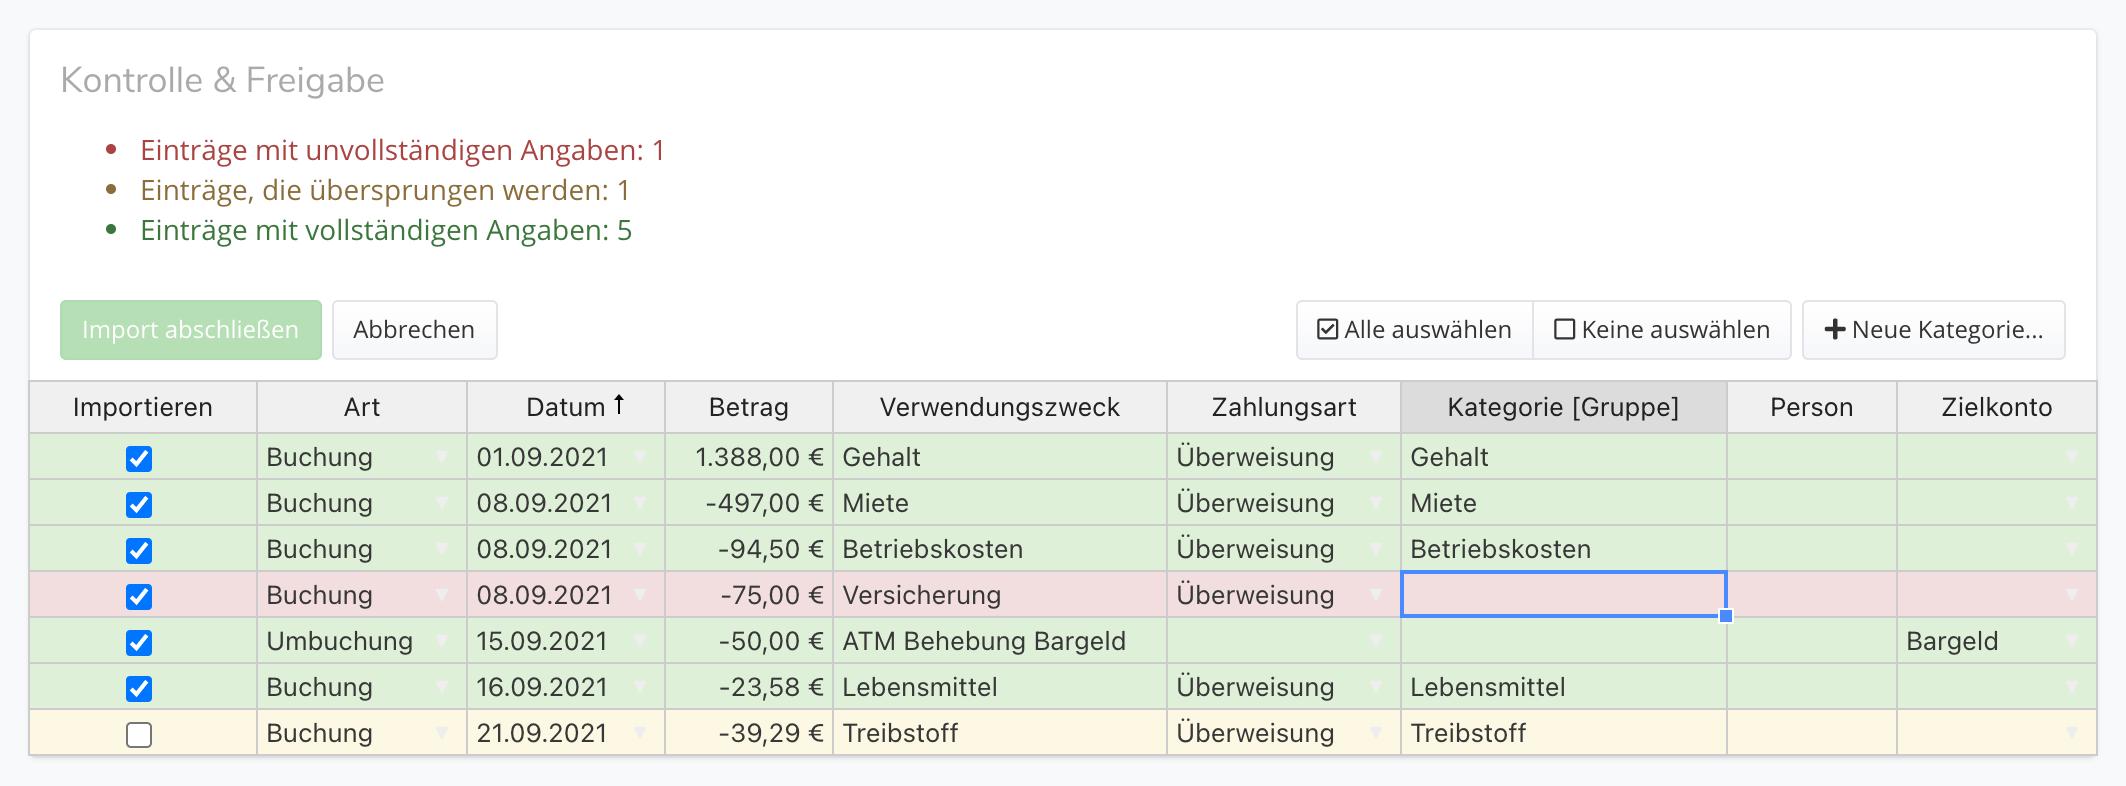 CSV-Import abschließen